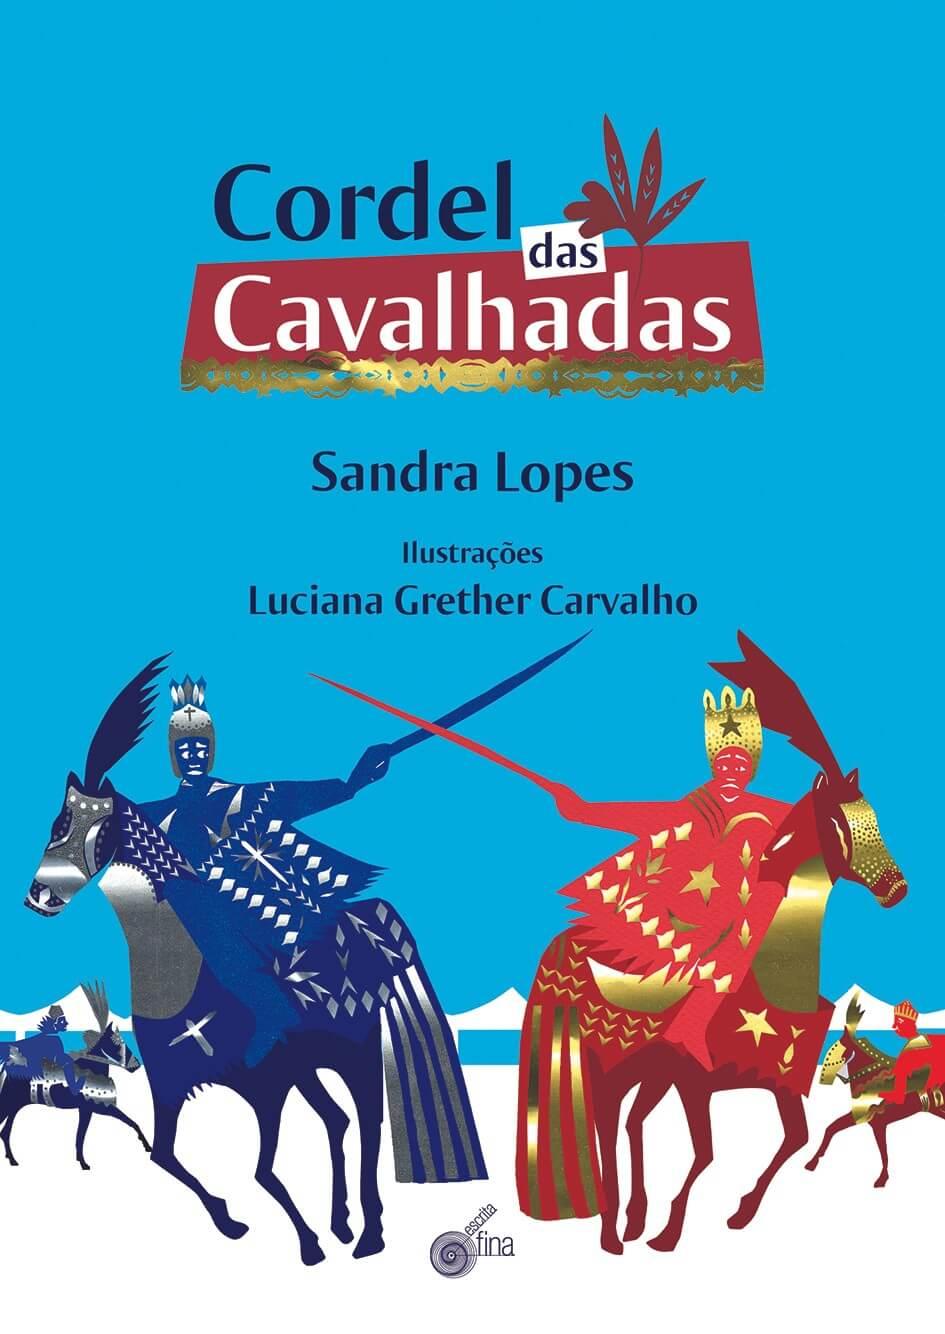 CORDEL DAS CAVALHADAS